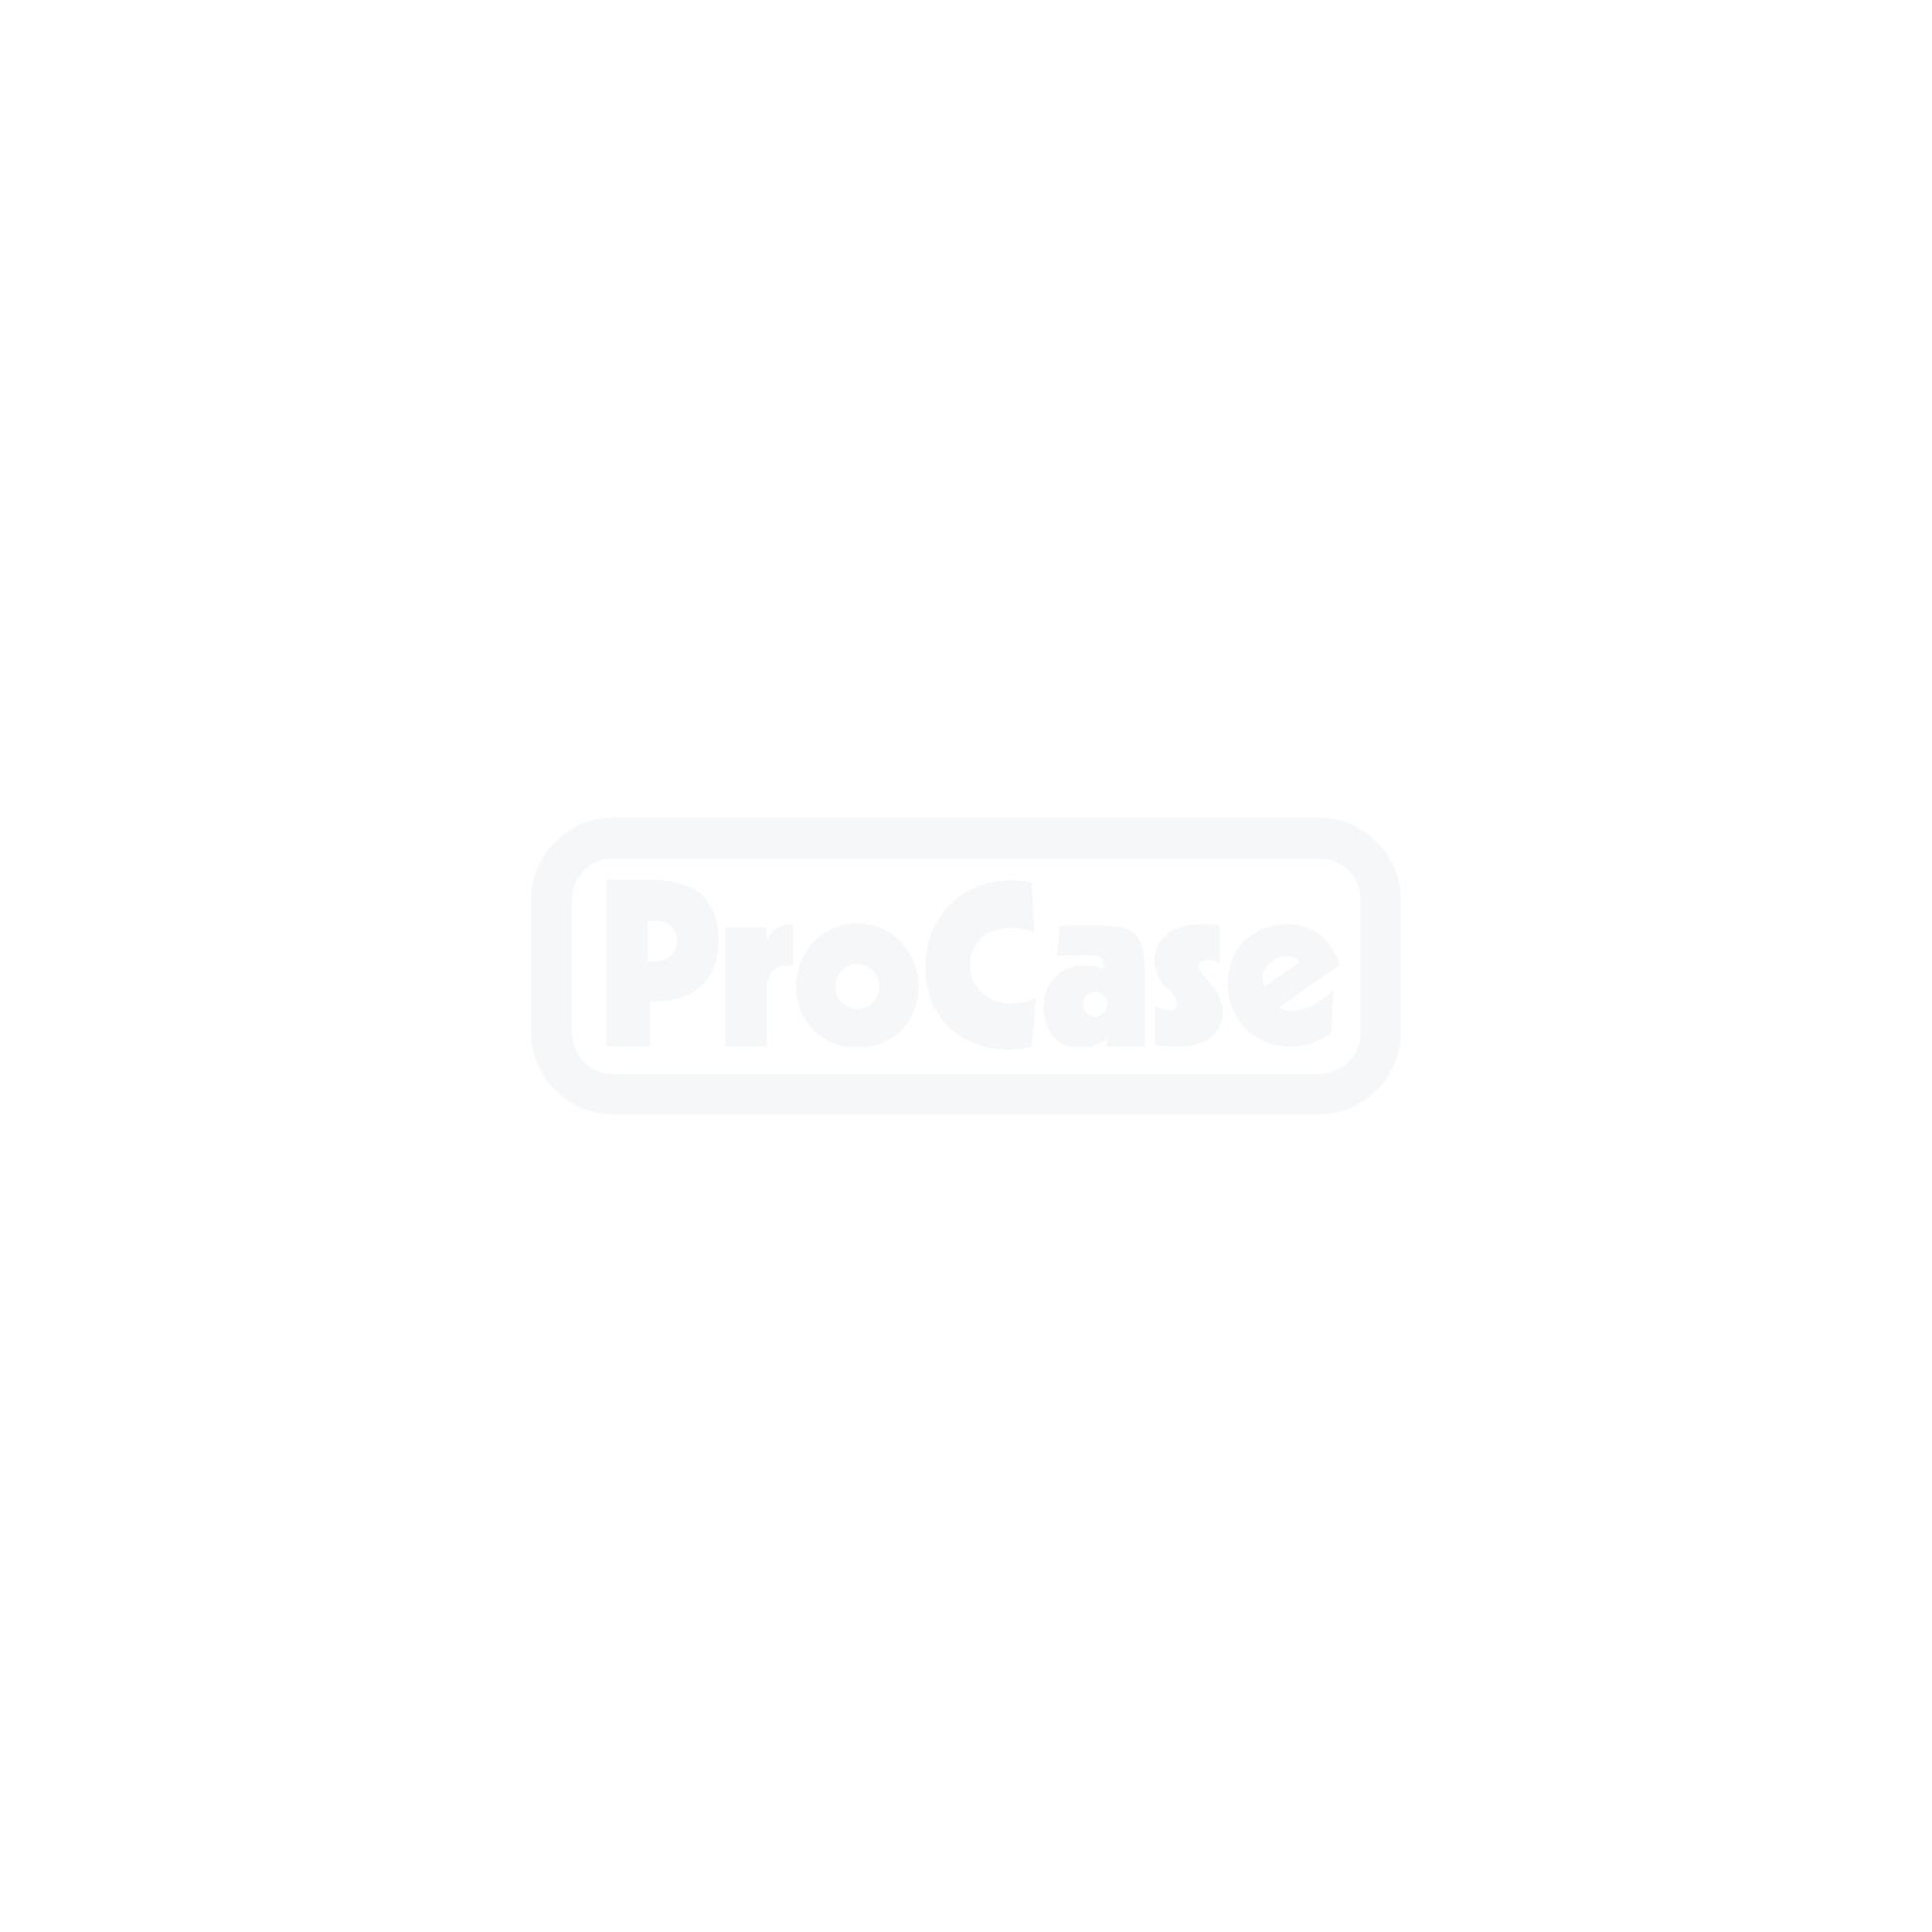 SKB 3i Koffer 1813-5 leer 2